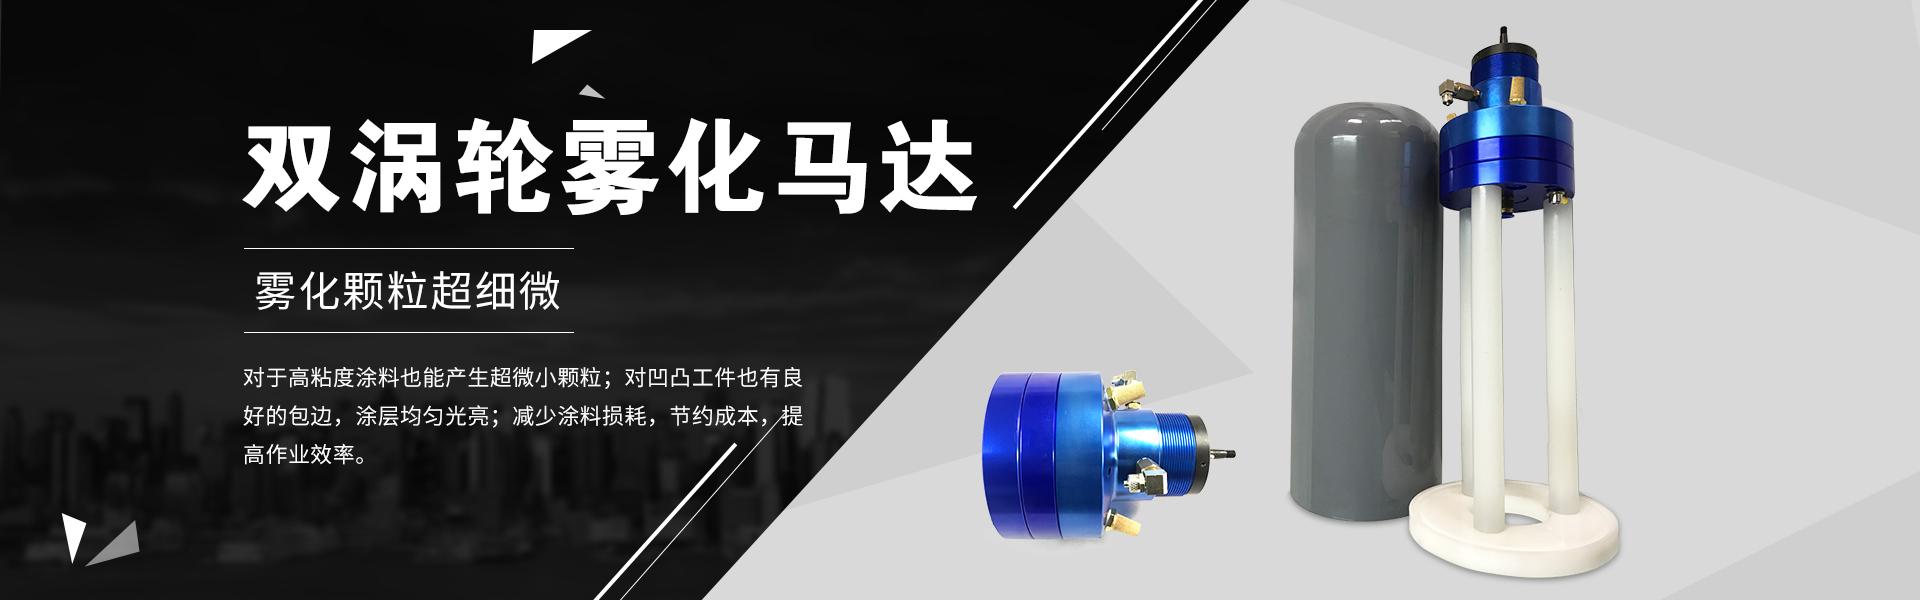 本公司供应喷漆齿轮泵、静电自动喷头、静电喷漆泵、水性静电喷漆泵、水性漆泵、点胶泵等优质产品,欢迎前来咨询!